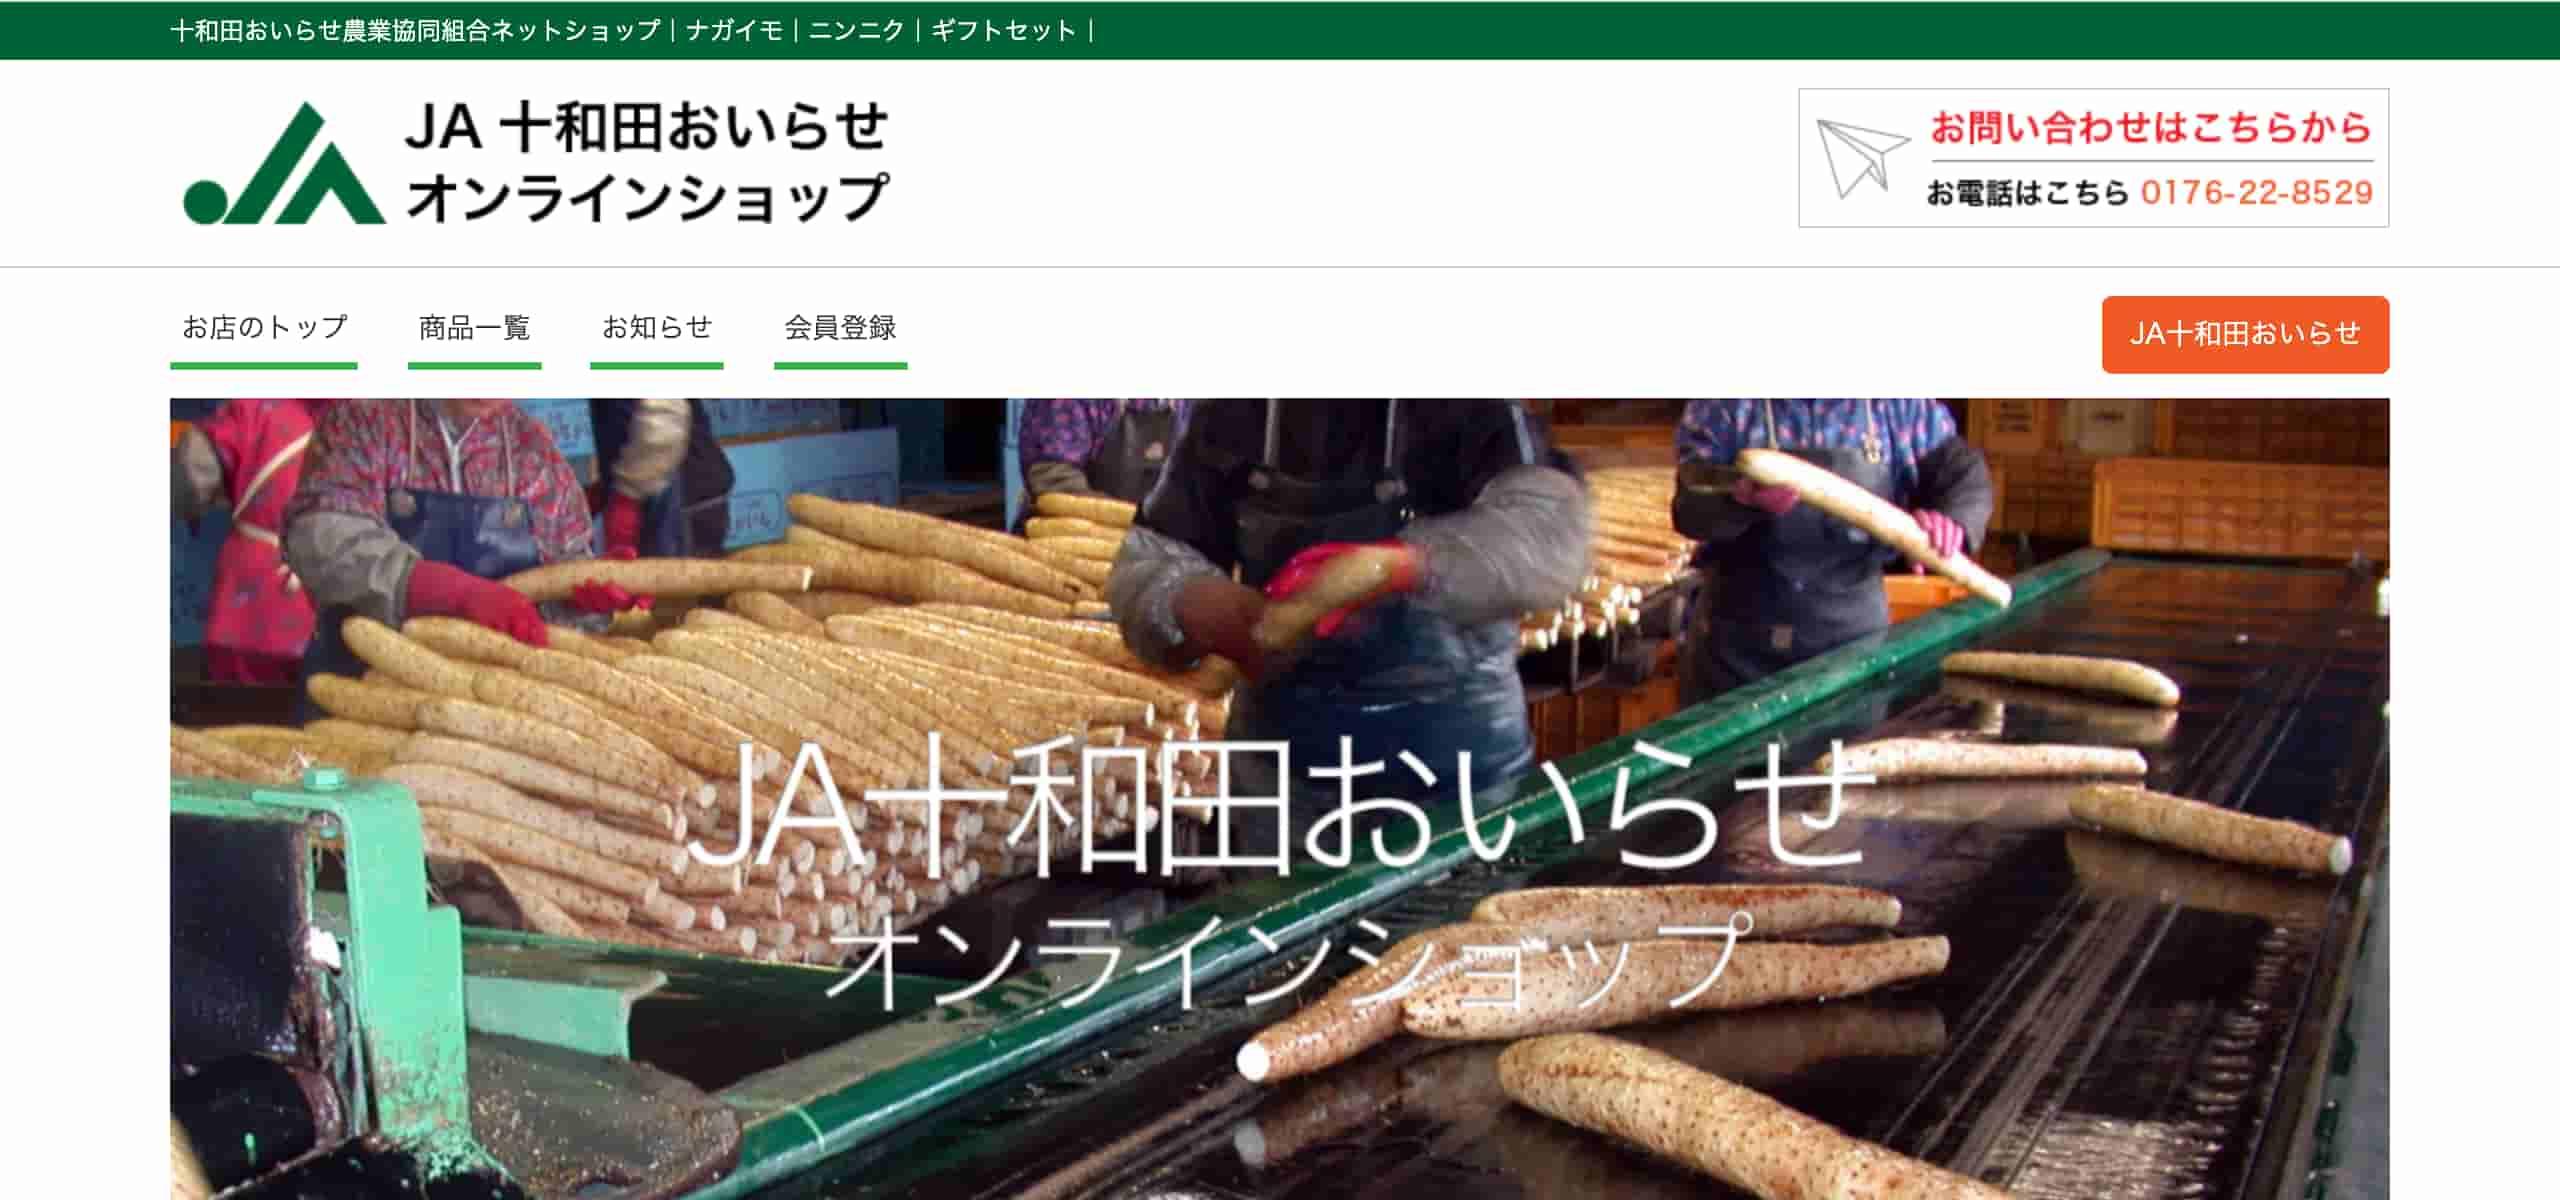 十和田おいらせ農業協同組合